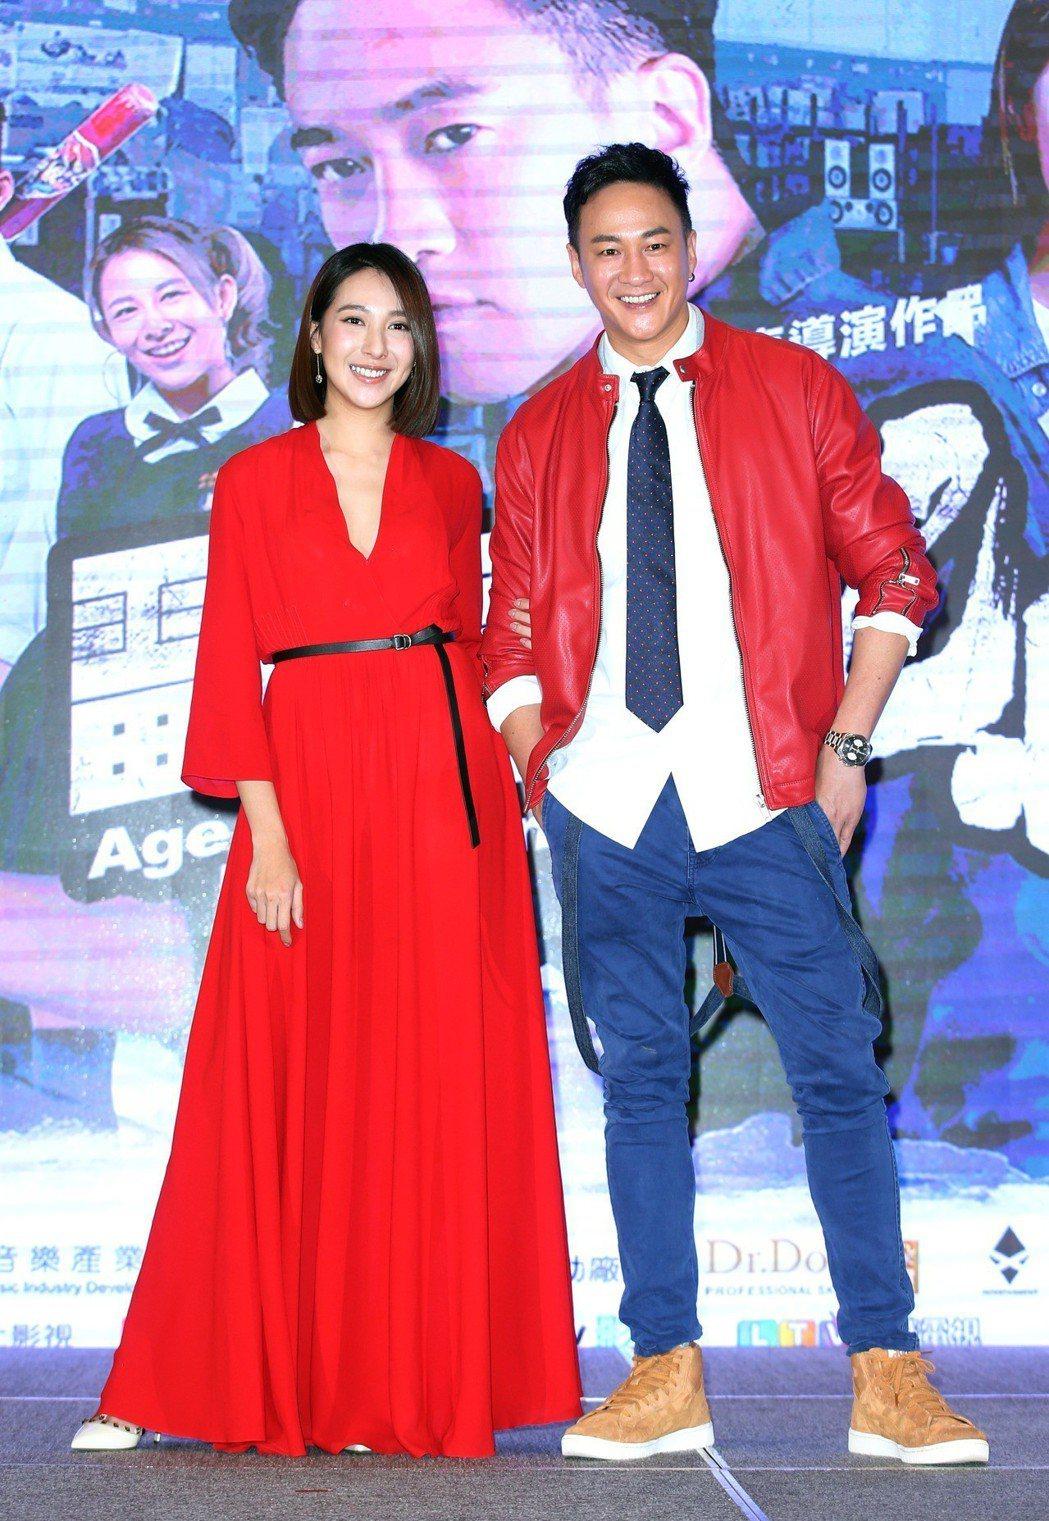 何潤東(右)與楊晴演出「翻牆的記憶」。記者陳瑞源/攝影